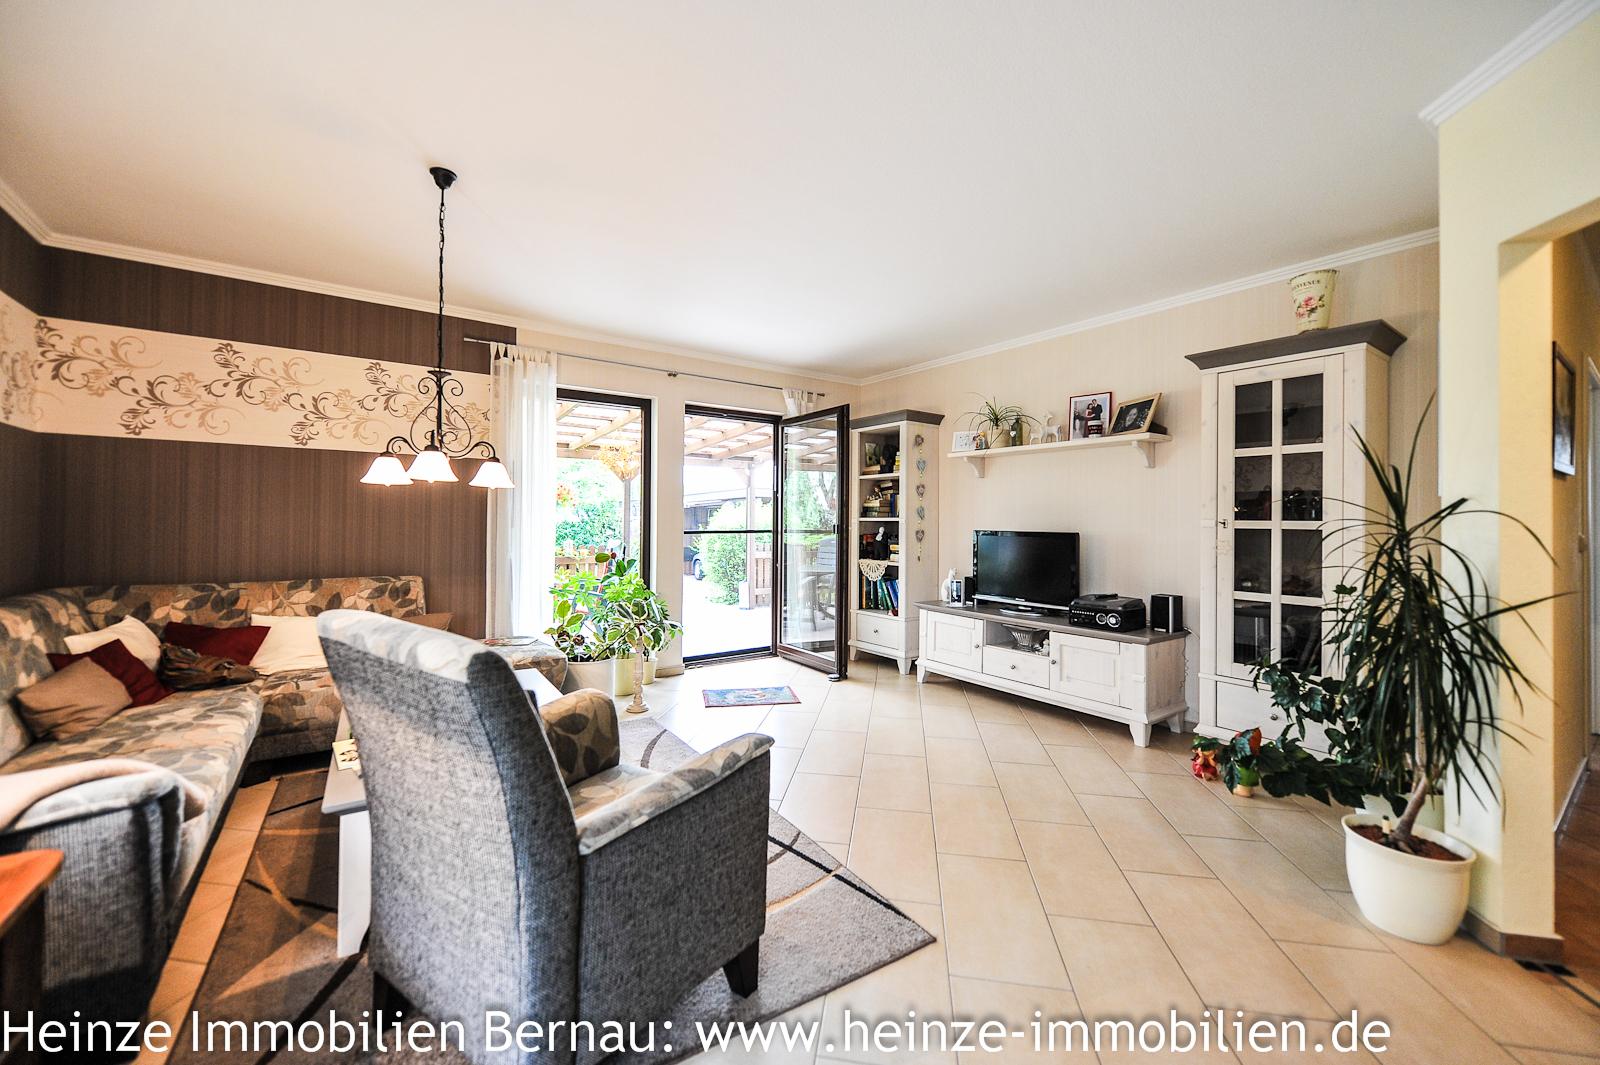 einfamilienhaus in m rkische heide ot gr ditsch zum kauf heinze immobilien in bernau. Black Bedroom Furniture Sets. Home Design Ideas